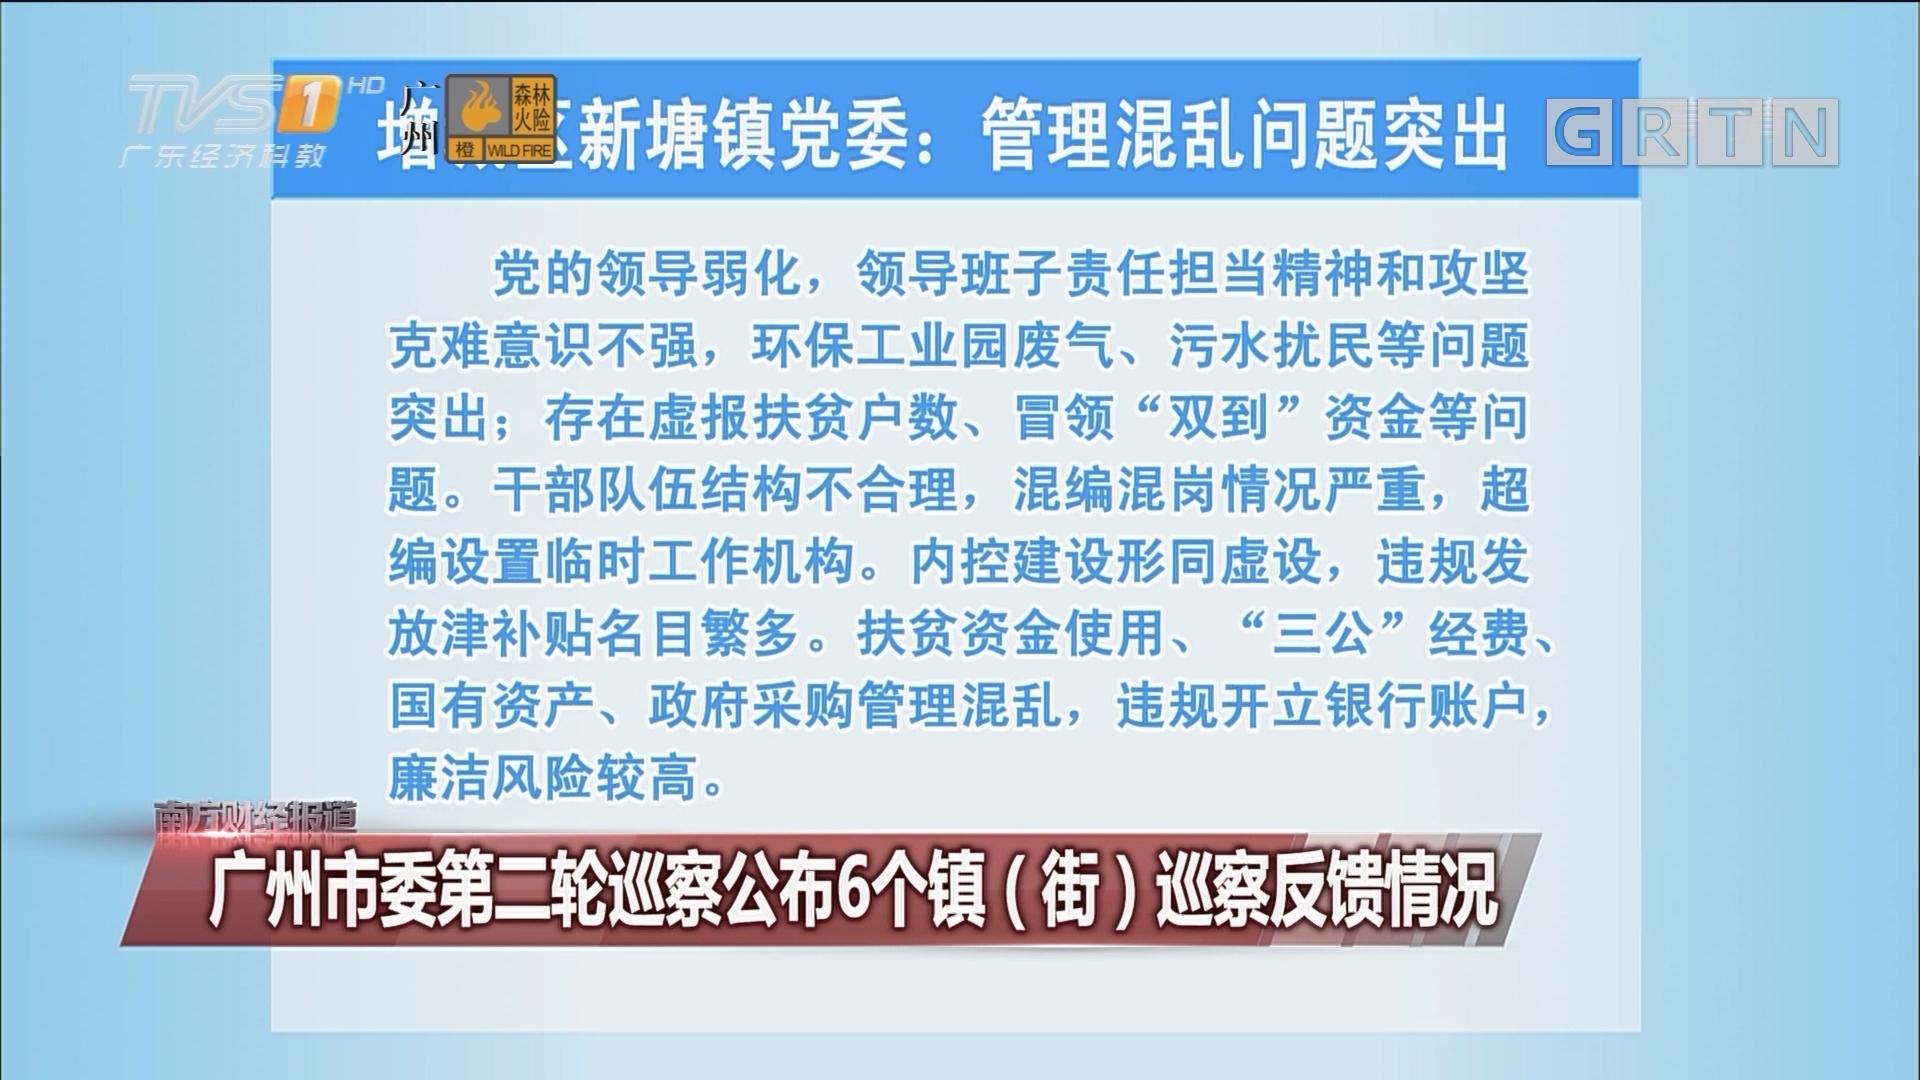 广州市委第二轮巡查公布6个镇(街)巡查反馈情况